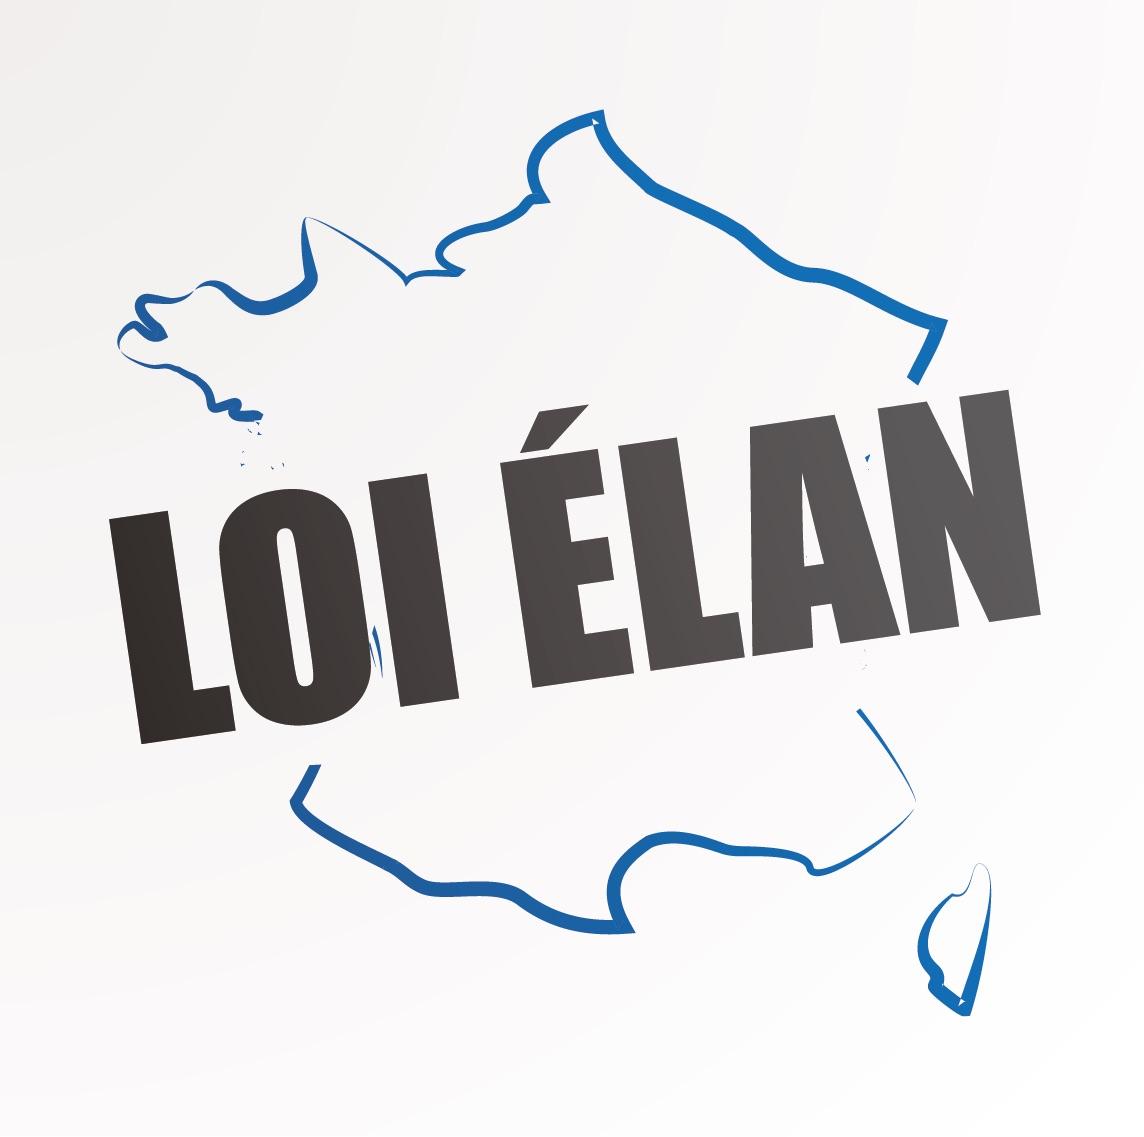 Focus Sur La Publication Des Décrets De La Loi ELAN